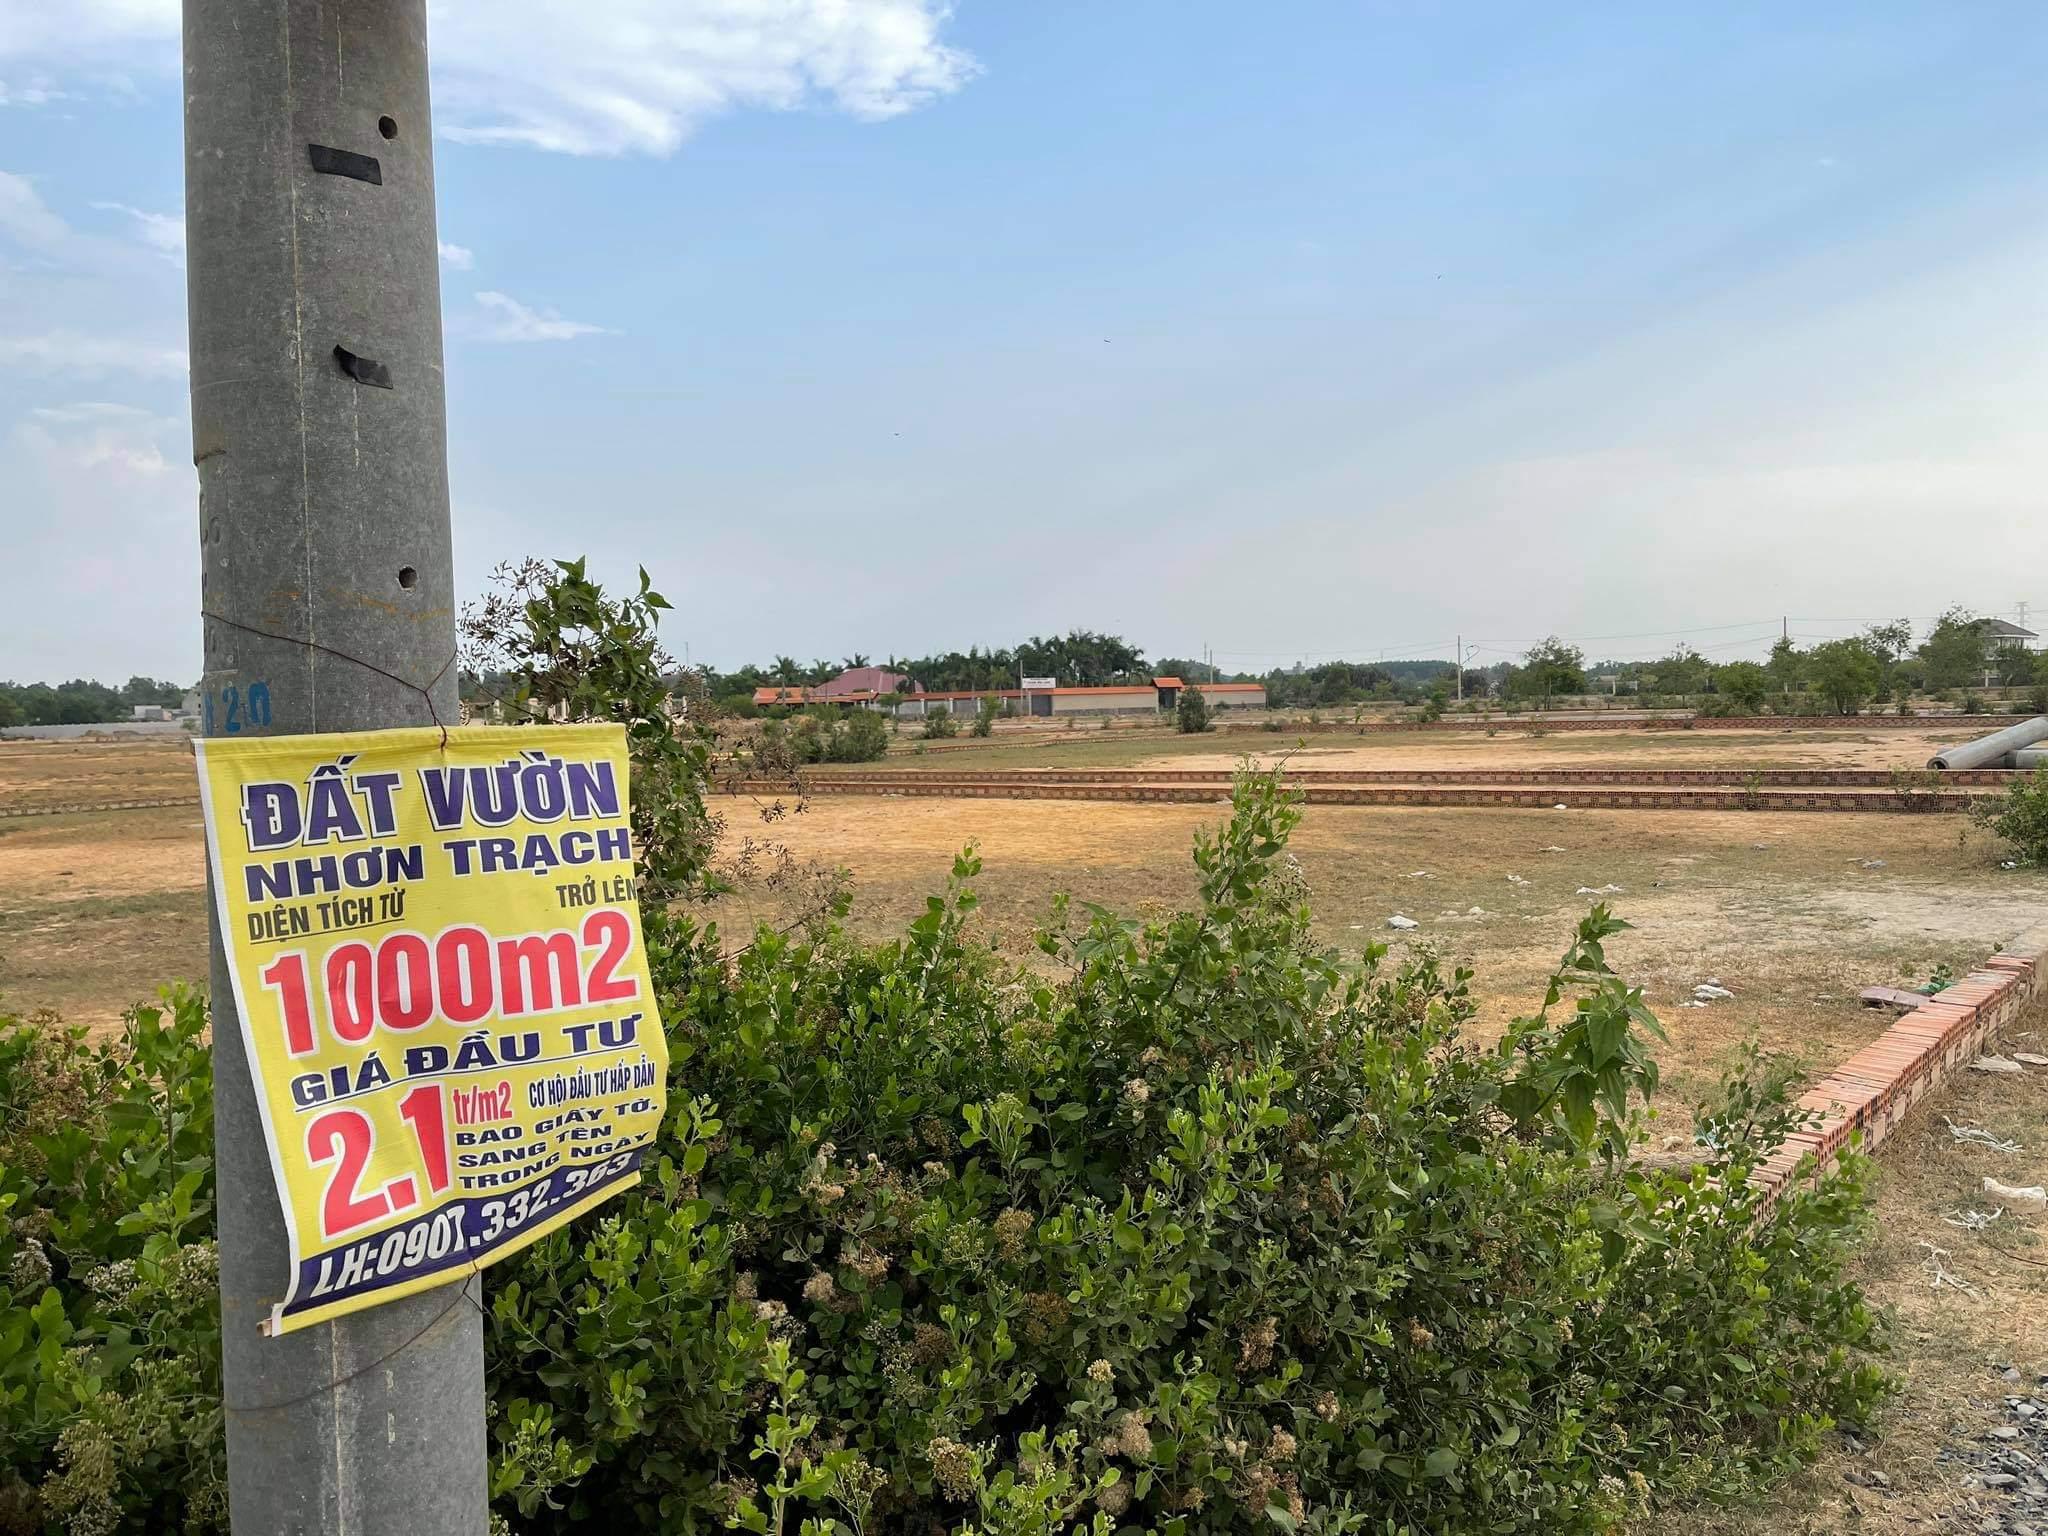 Bộ Xây Dựng: Giao dịch đất nền thực tế rất thấp, giới đầu cơ 'lướt cọc' là chính - Ảnh 1.